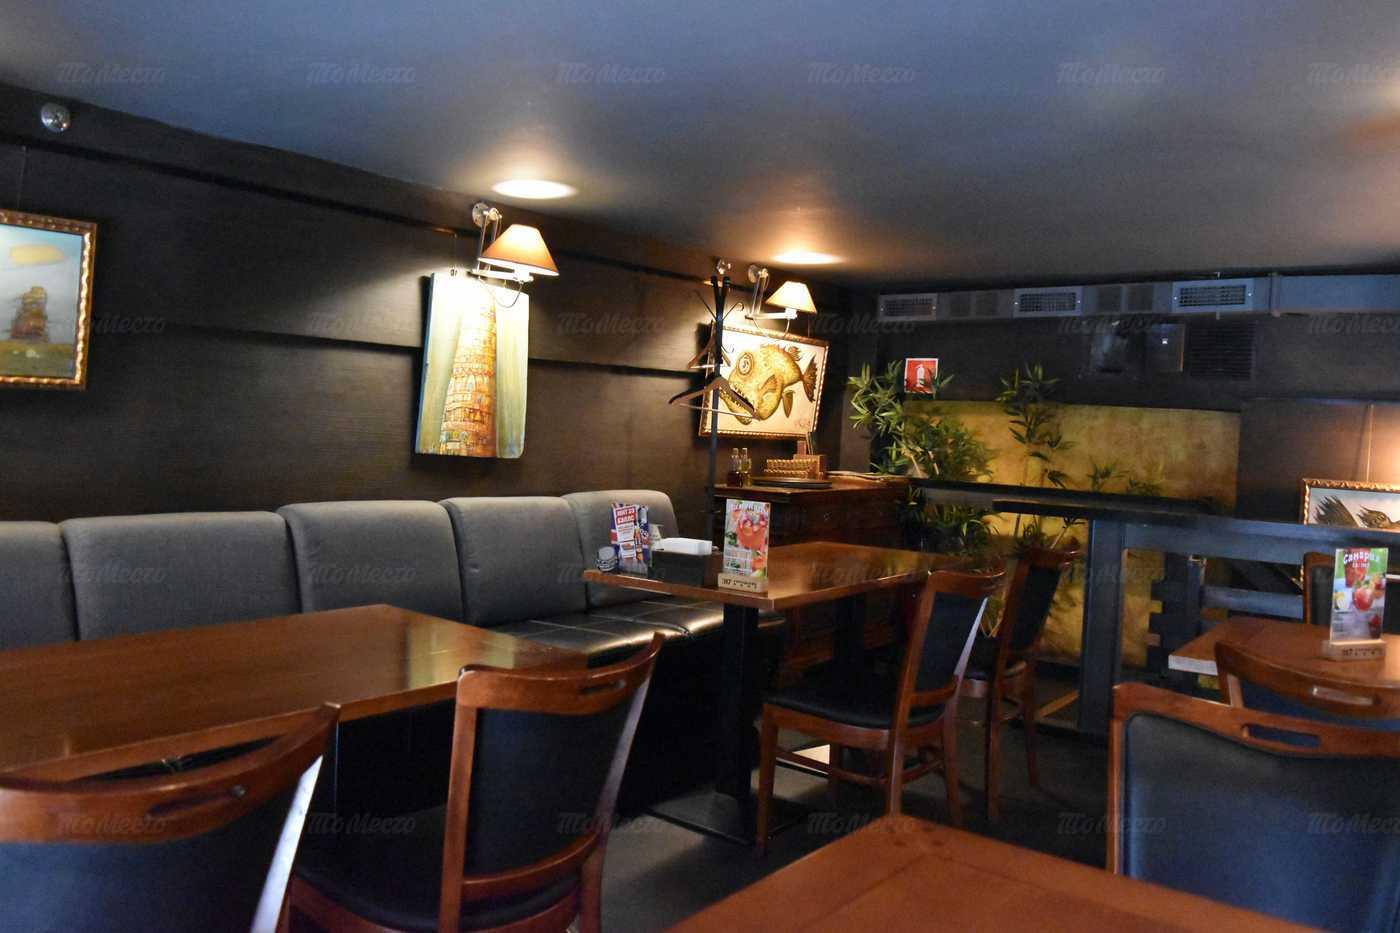 Ресторан Городское кафе 317 в Глубоком переулке фото 22